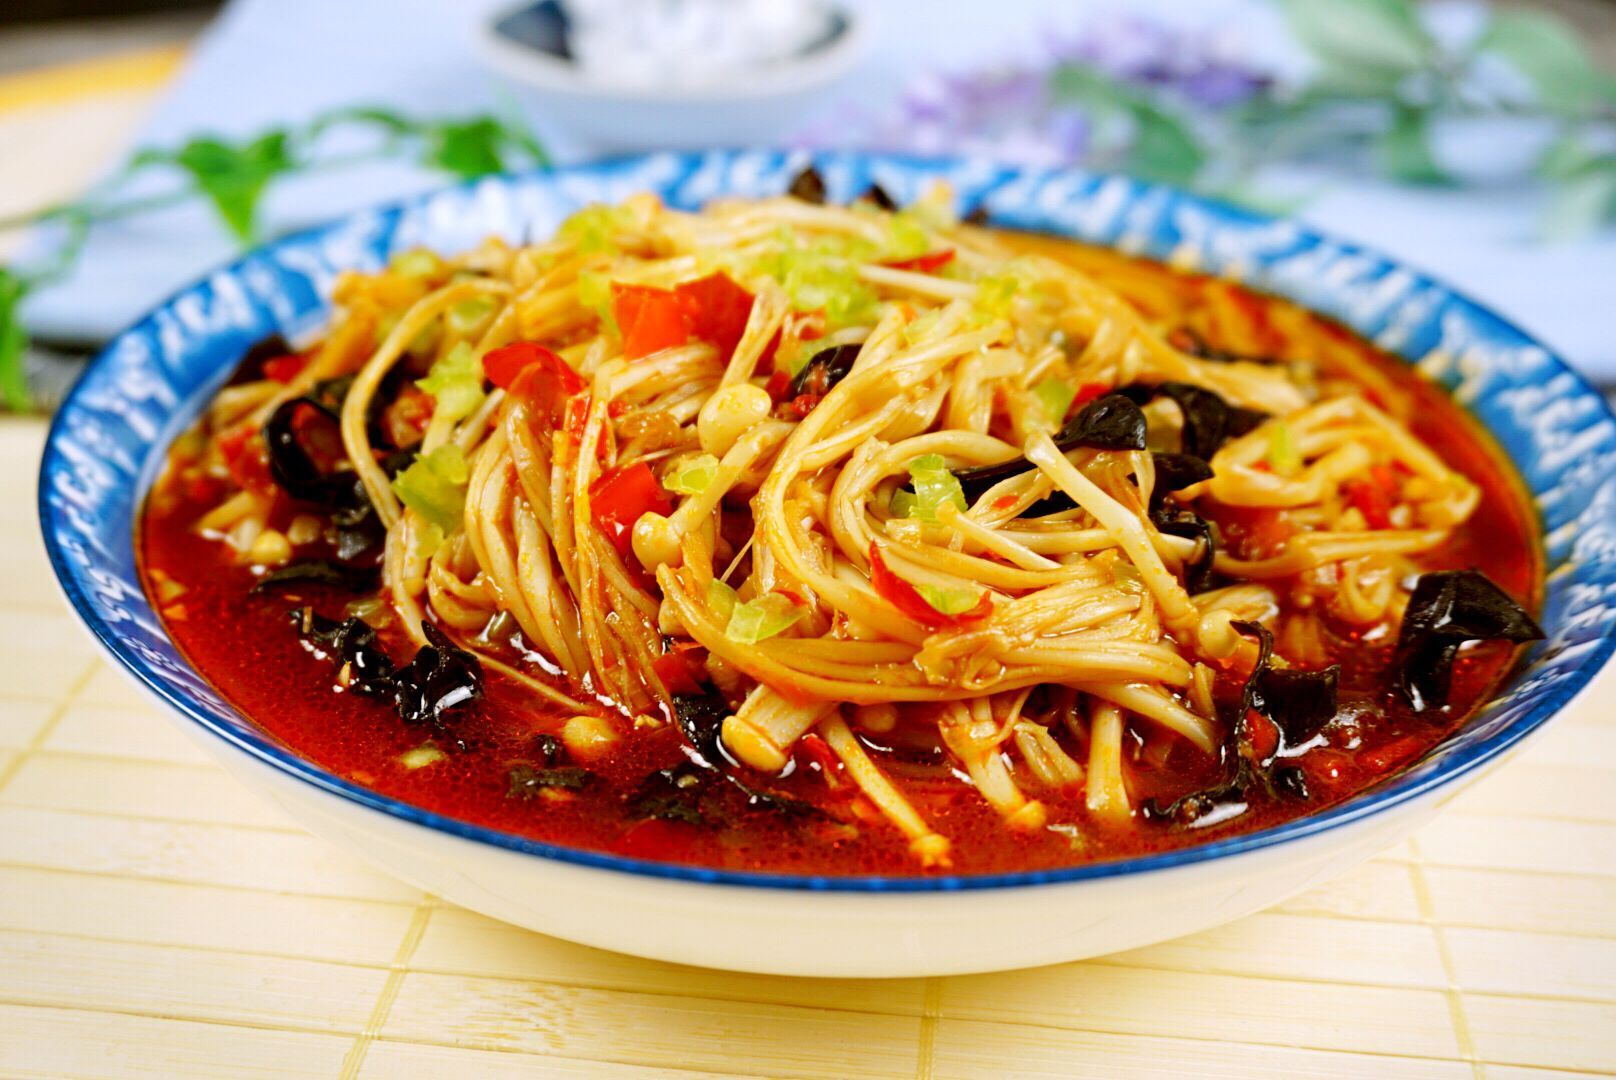 这道菜上桌,饭遭殃,菜抢光,鱼香味的菜真不一般